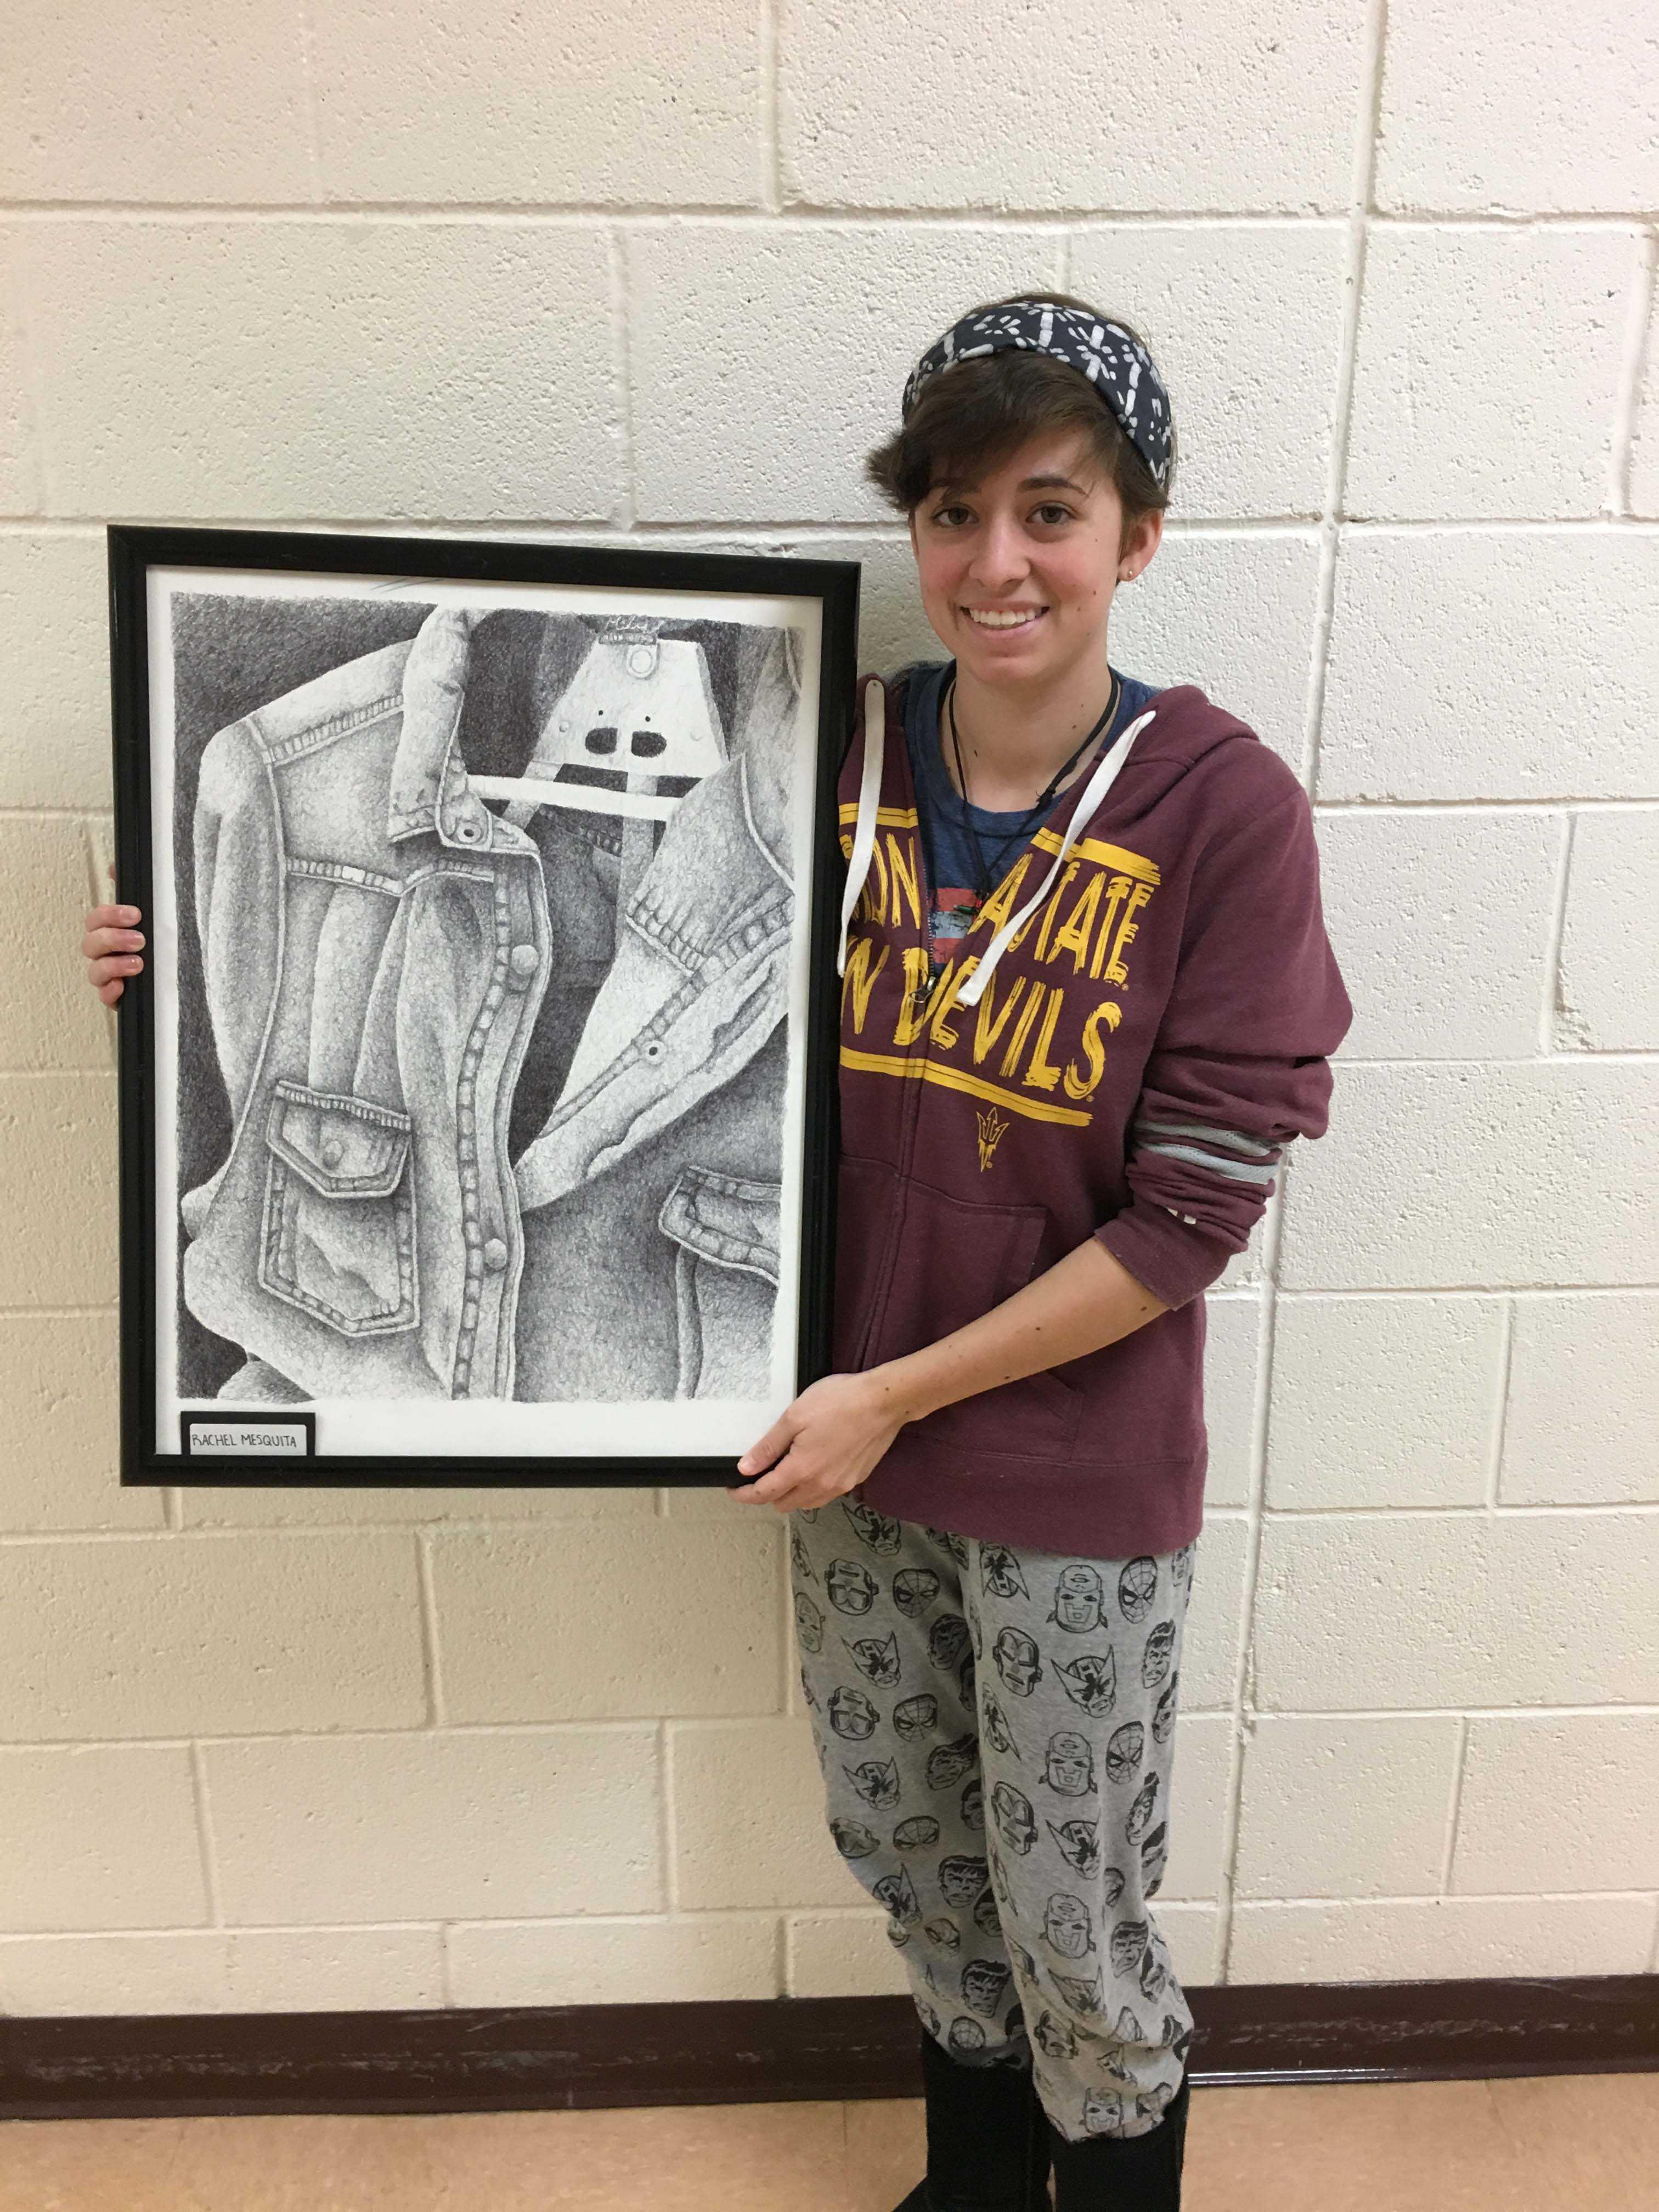 Rachel Mesquita holding her WinterFest art piece.